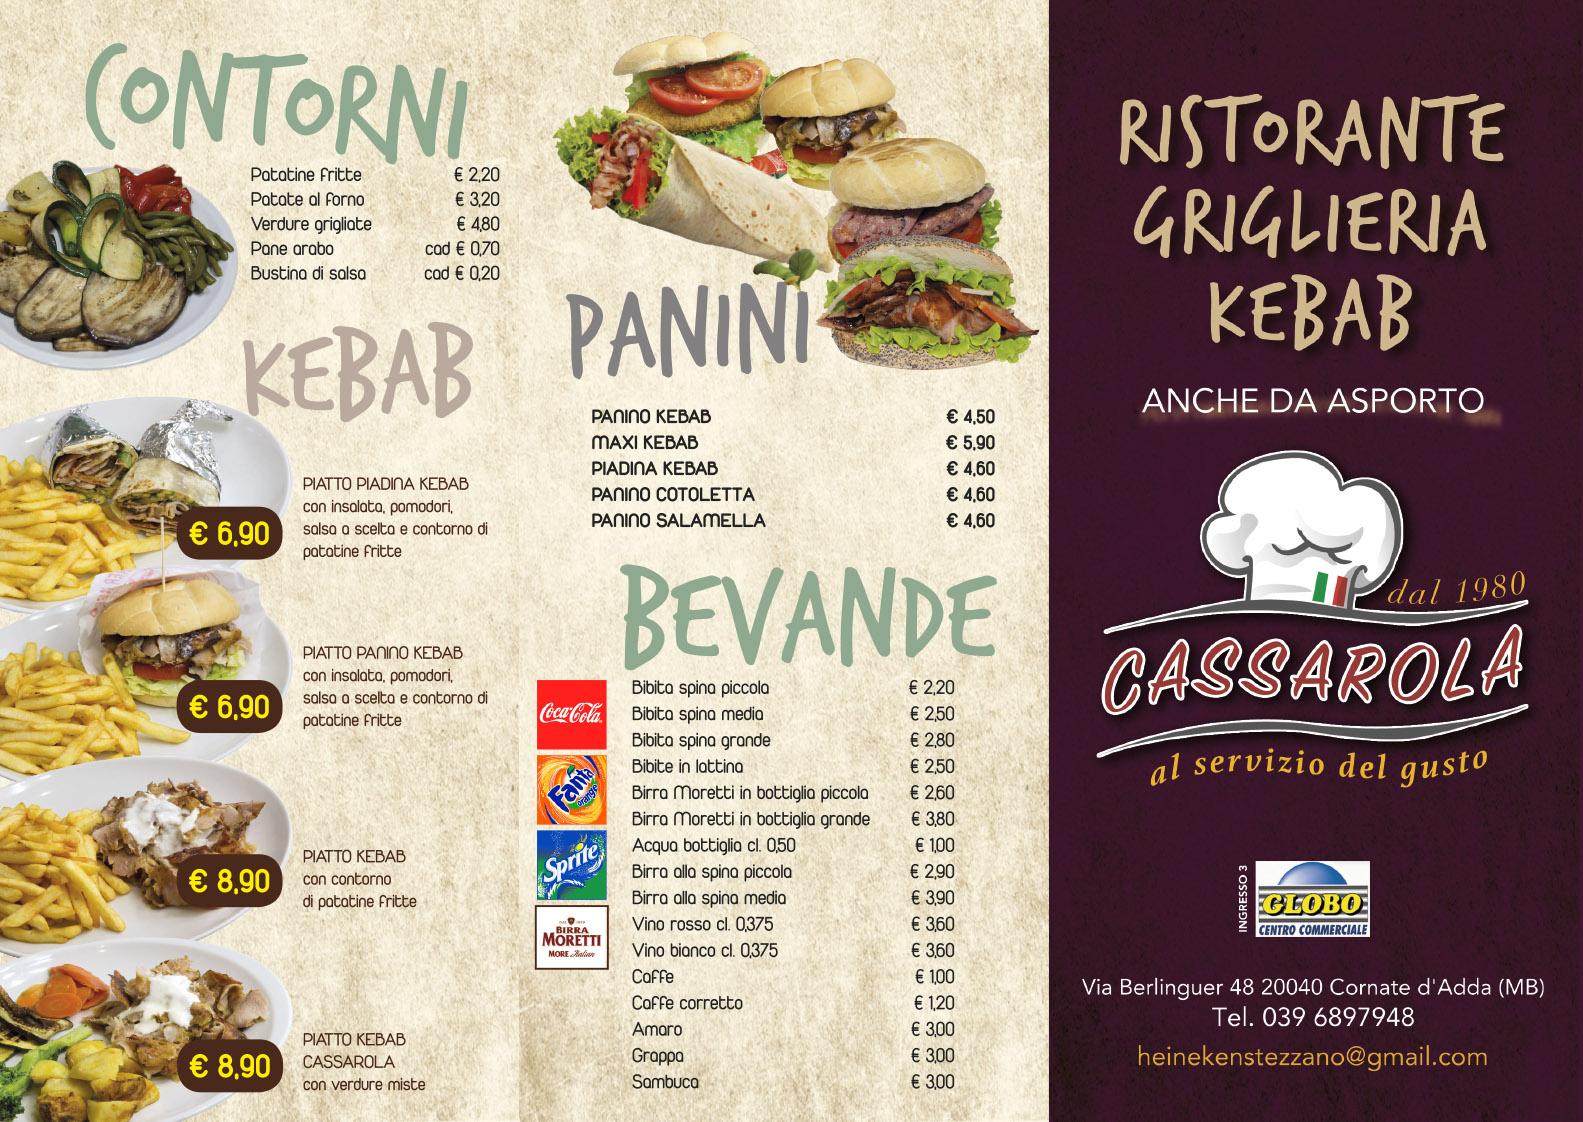 menu 3 ante 15 dicembre 2015